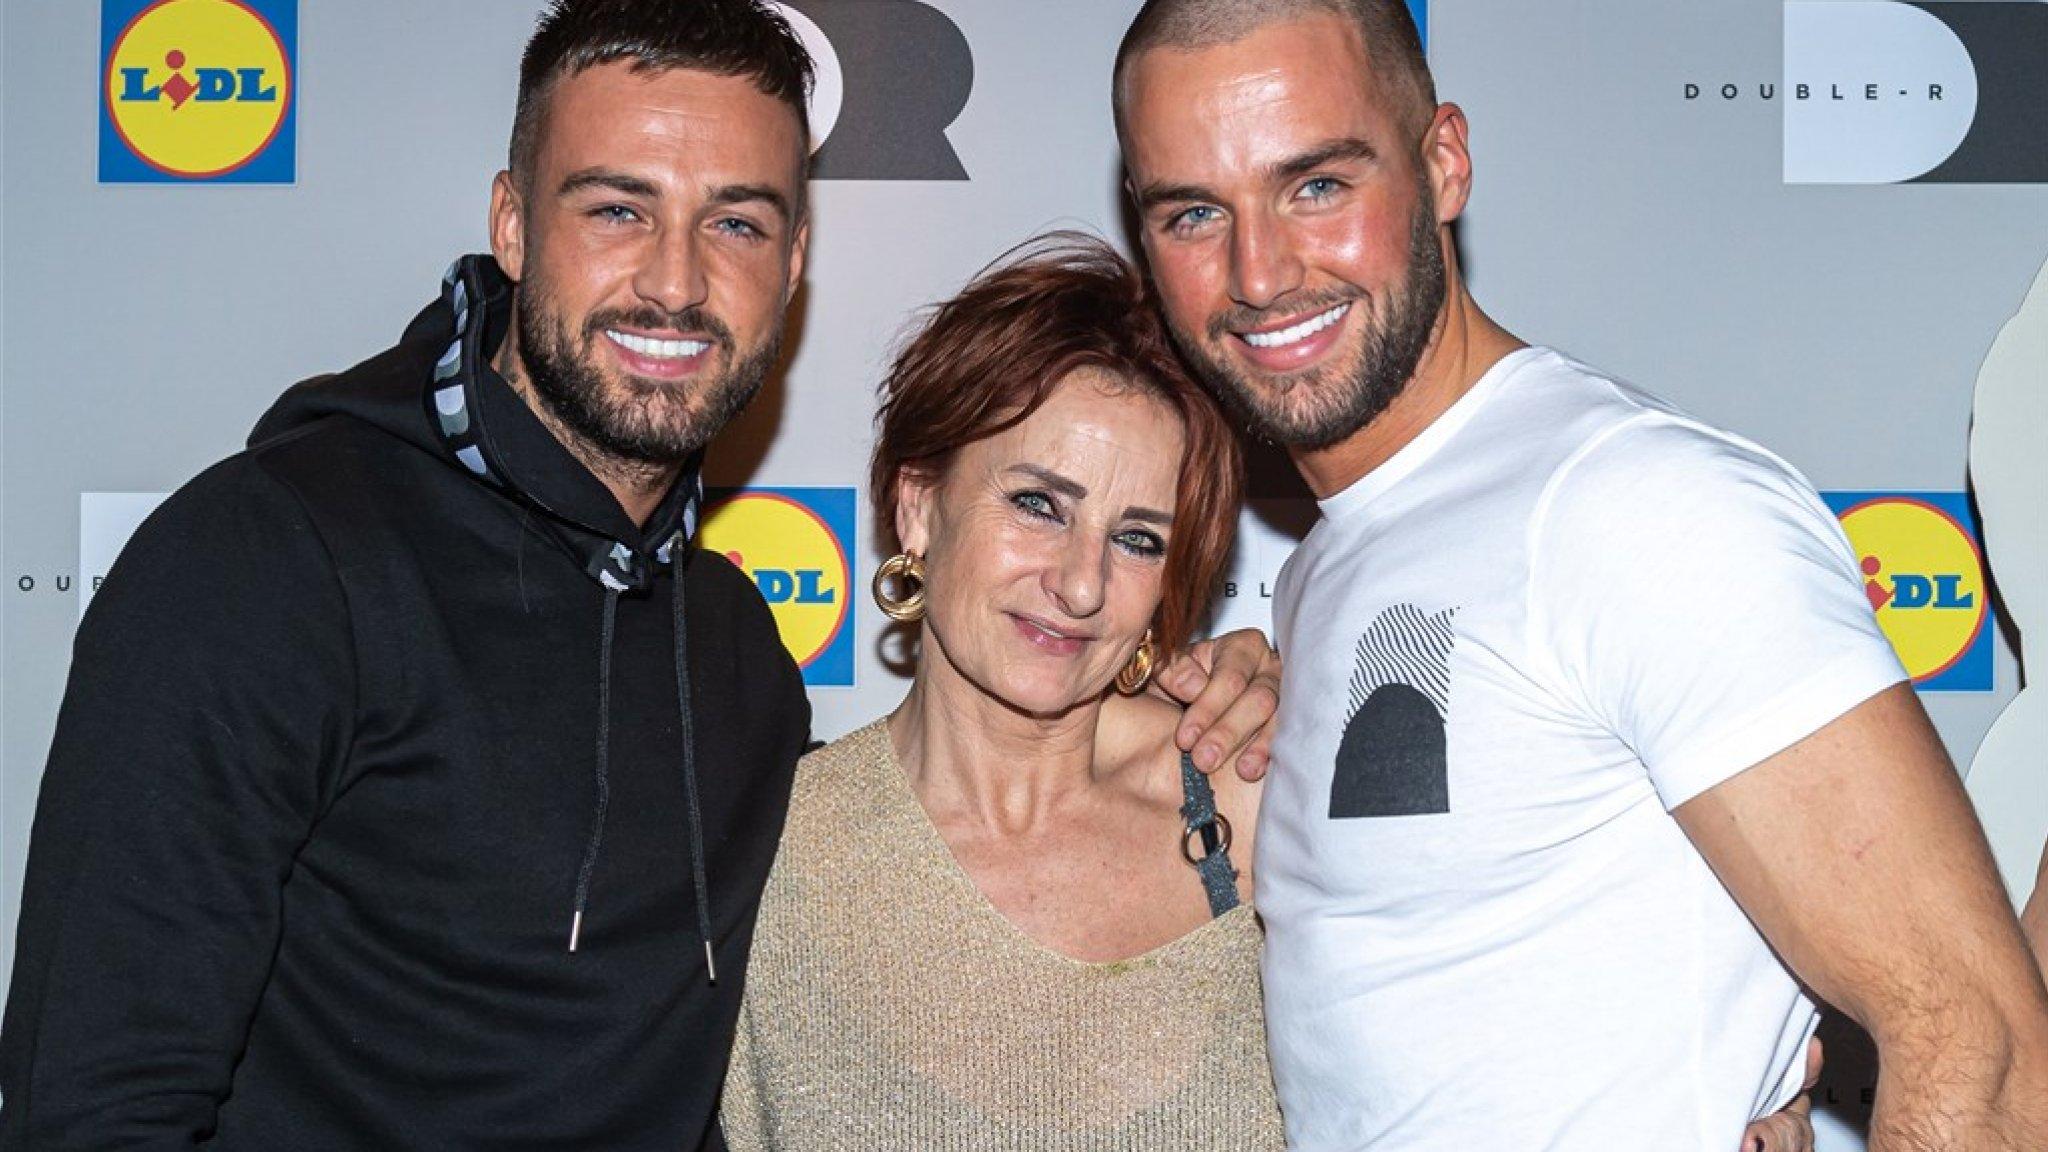 Dave Roelvink verrast jarige moeder met peperduur cadeau - RTL Boulevard